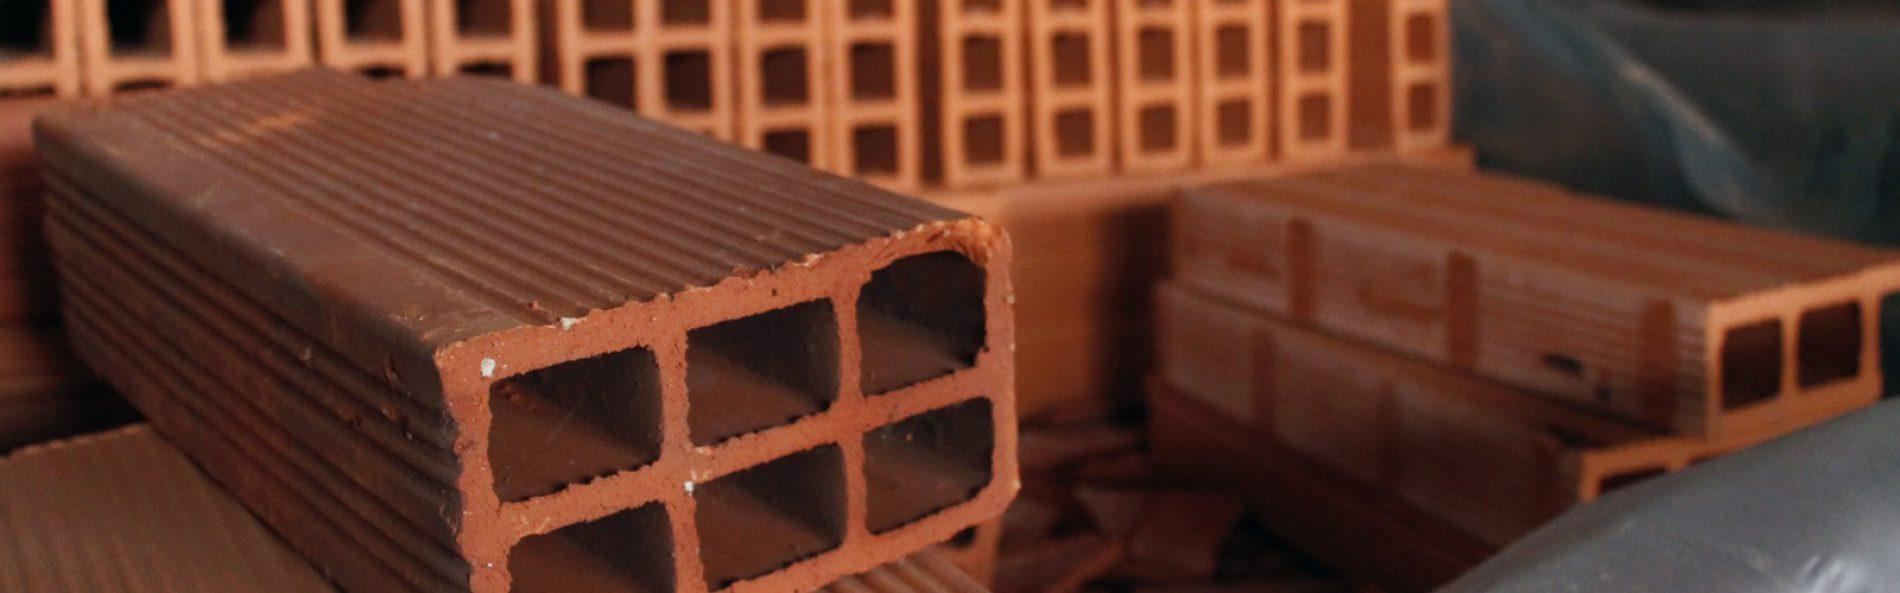 Nuova normativa sui materiali da costruzione